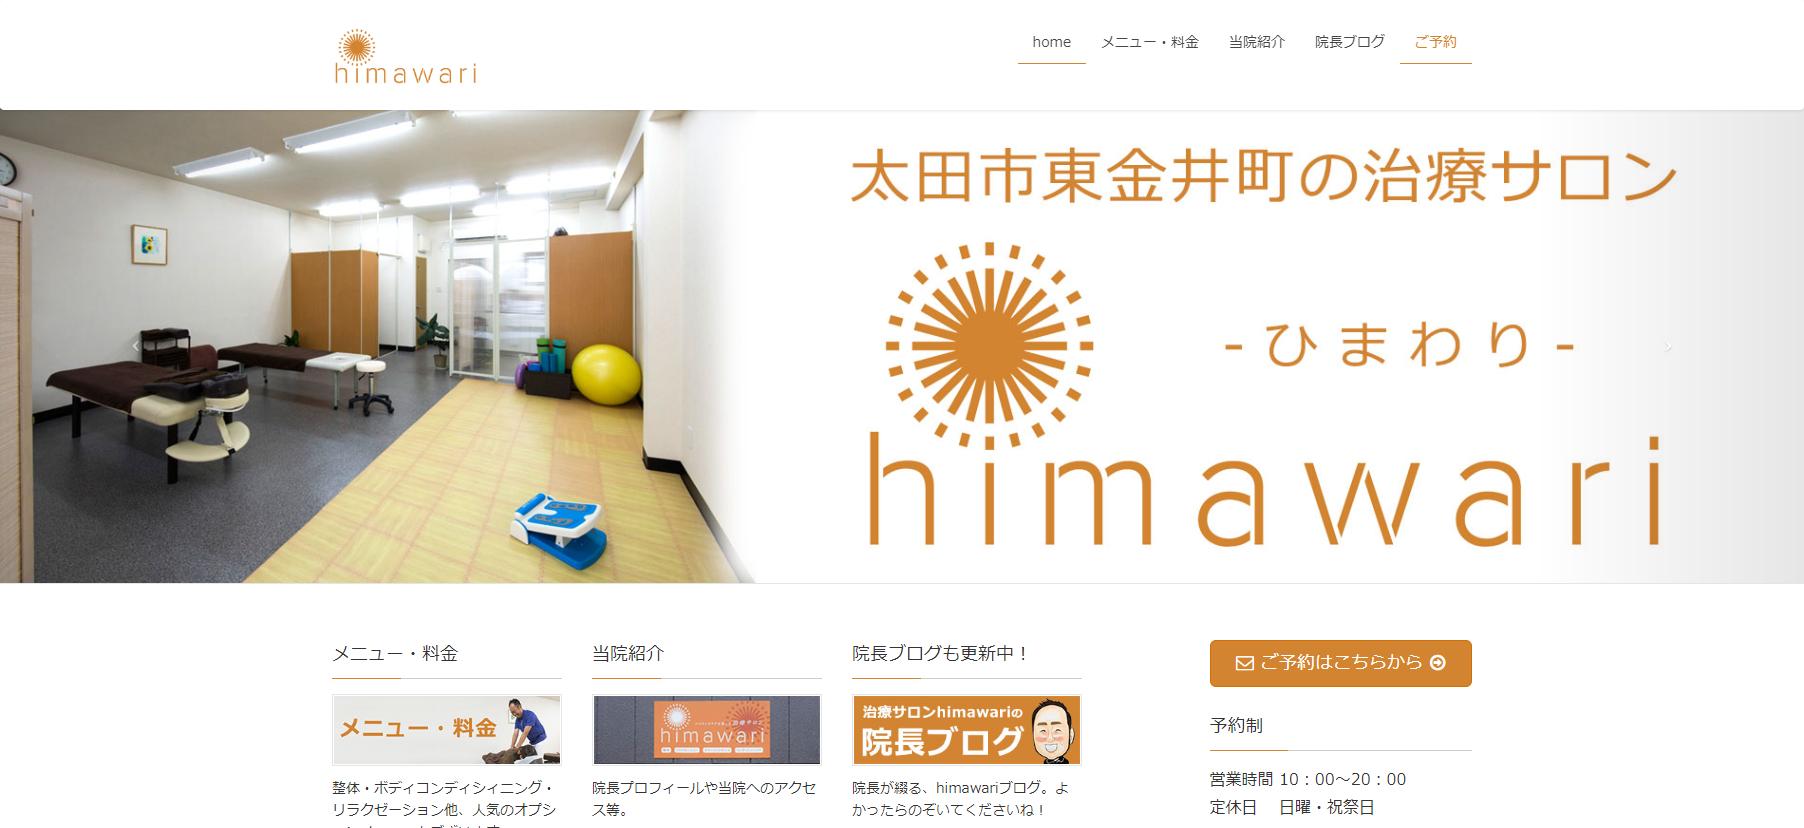 himawari(ひまわり)のサムネイル